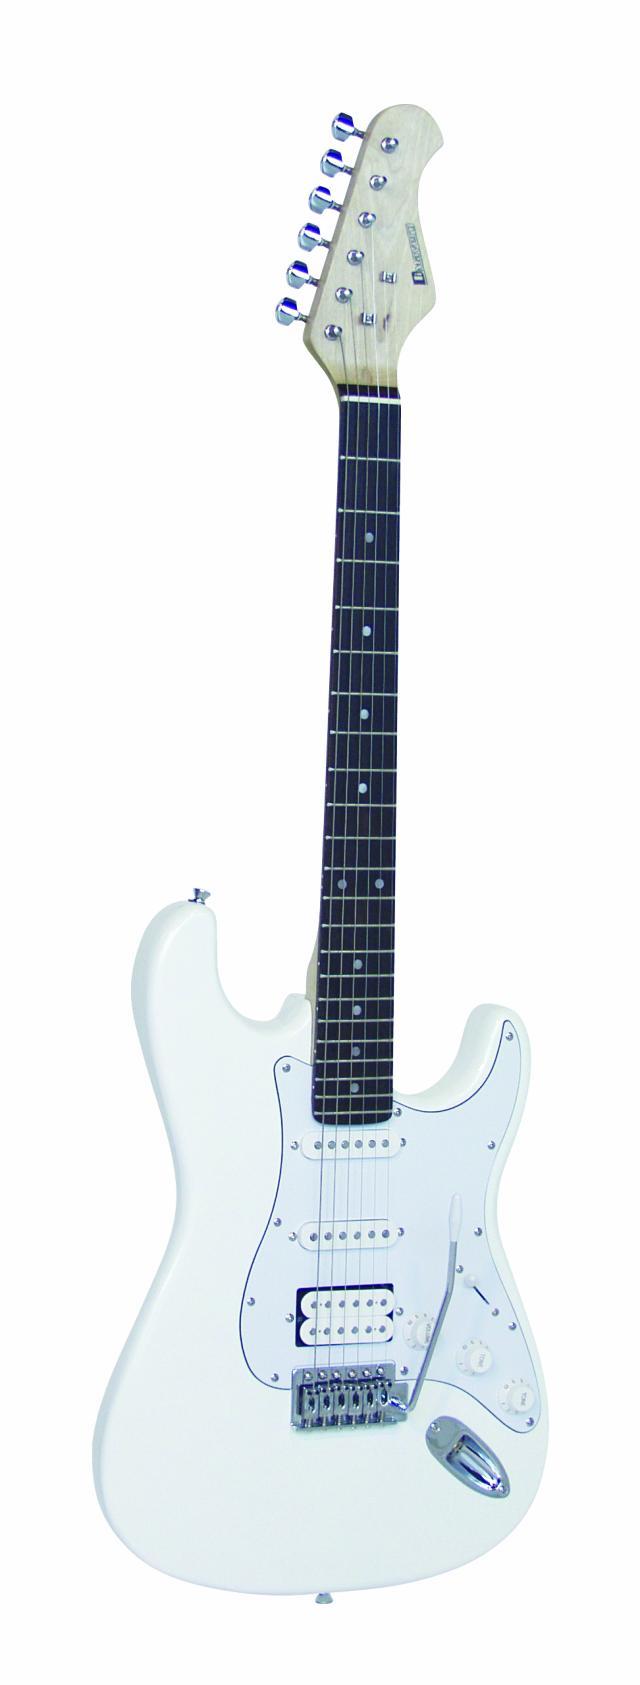 Fotografie Dimavery ST-312 elektrická kytara, bílý